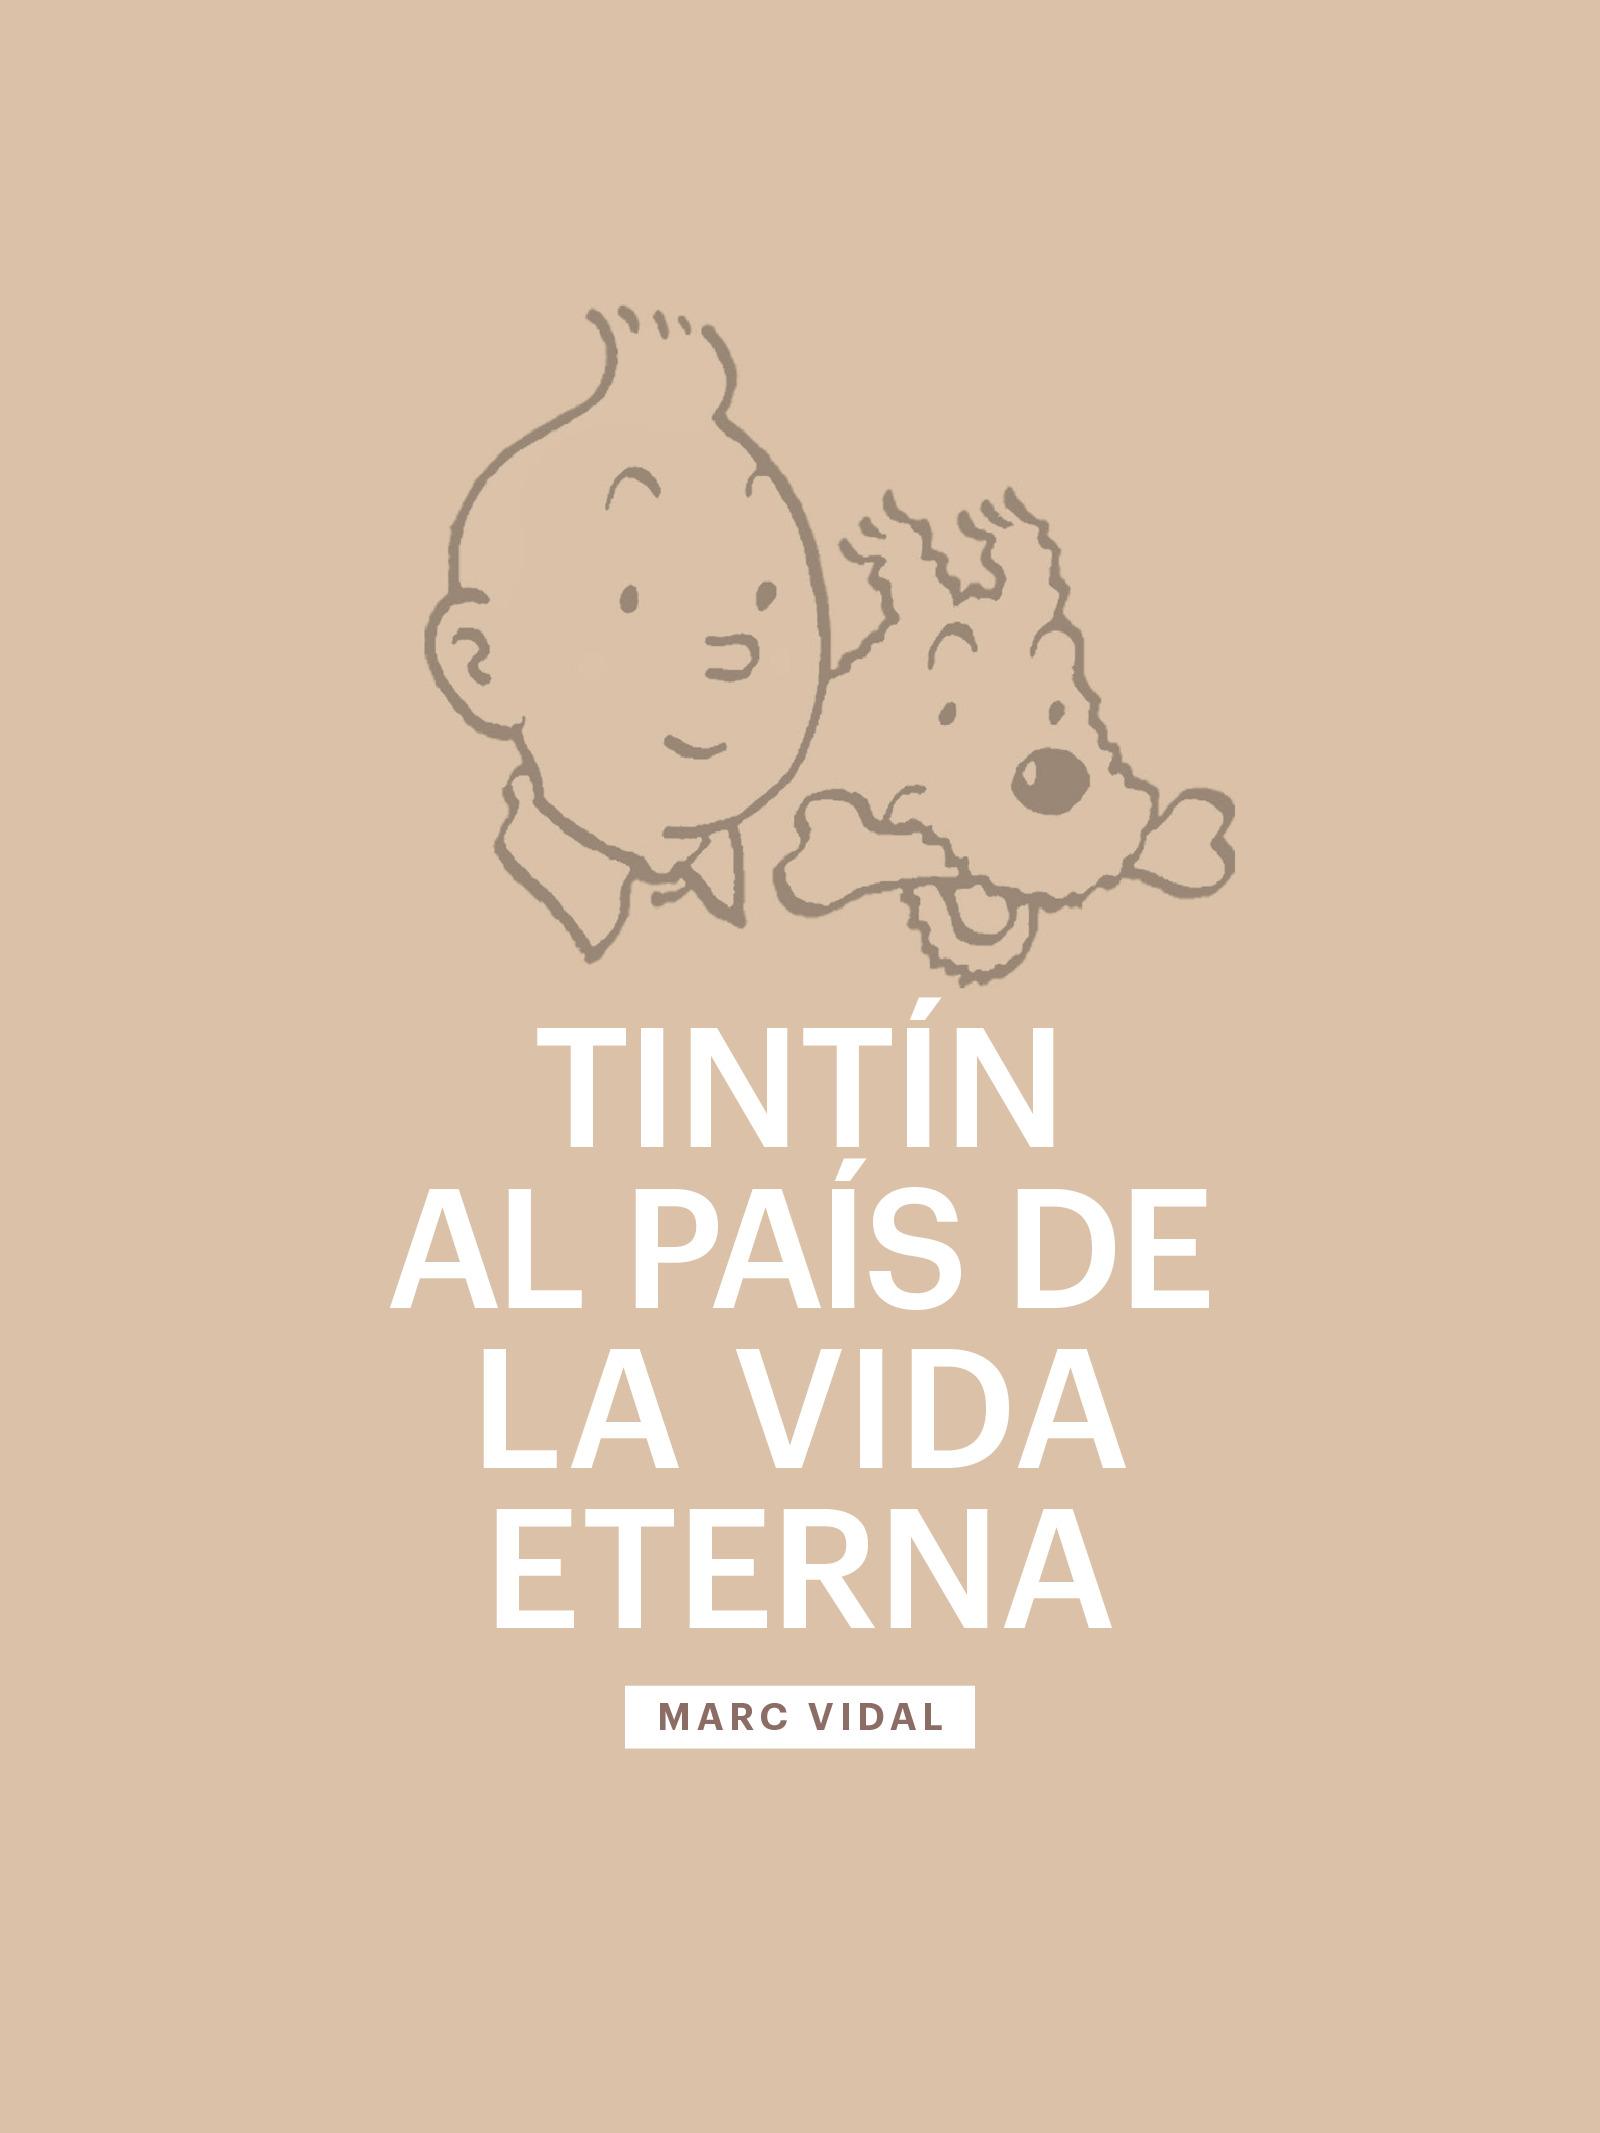 L'afer Tintín 3